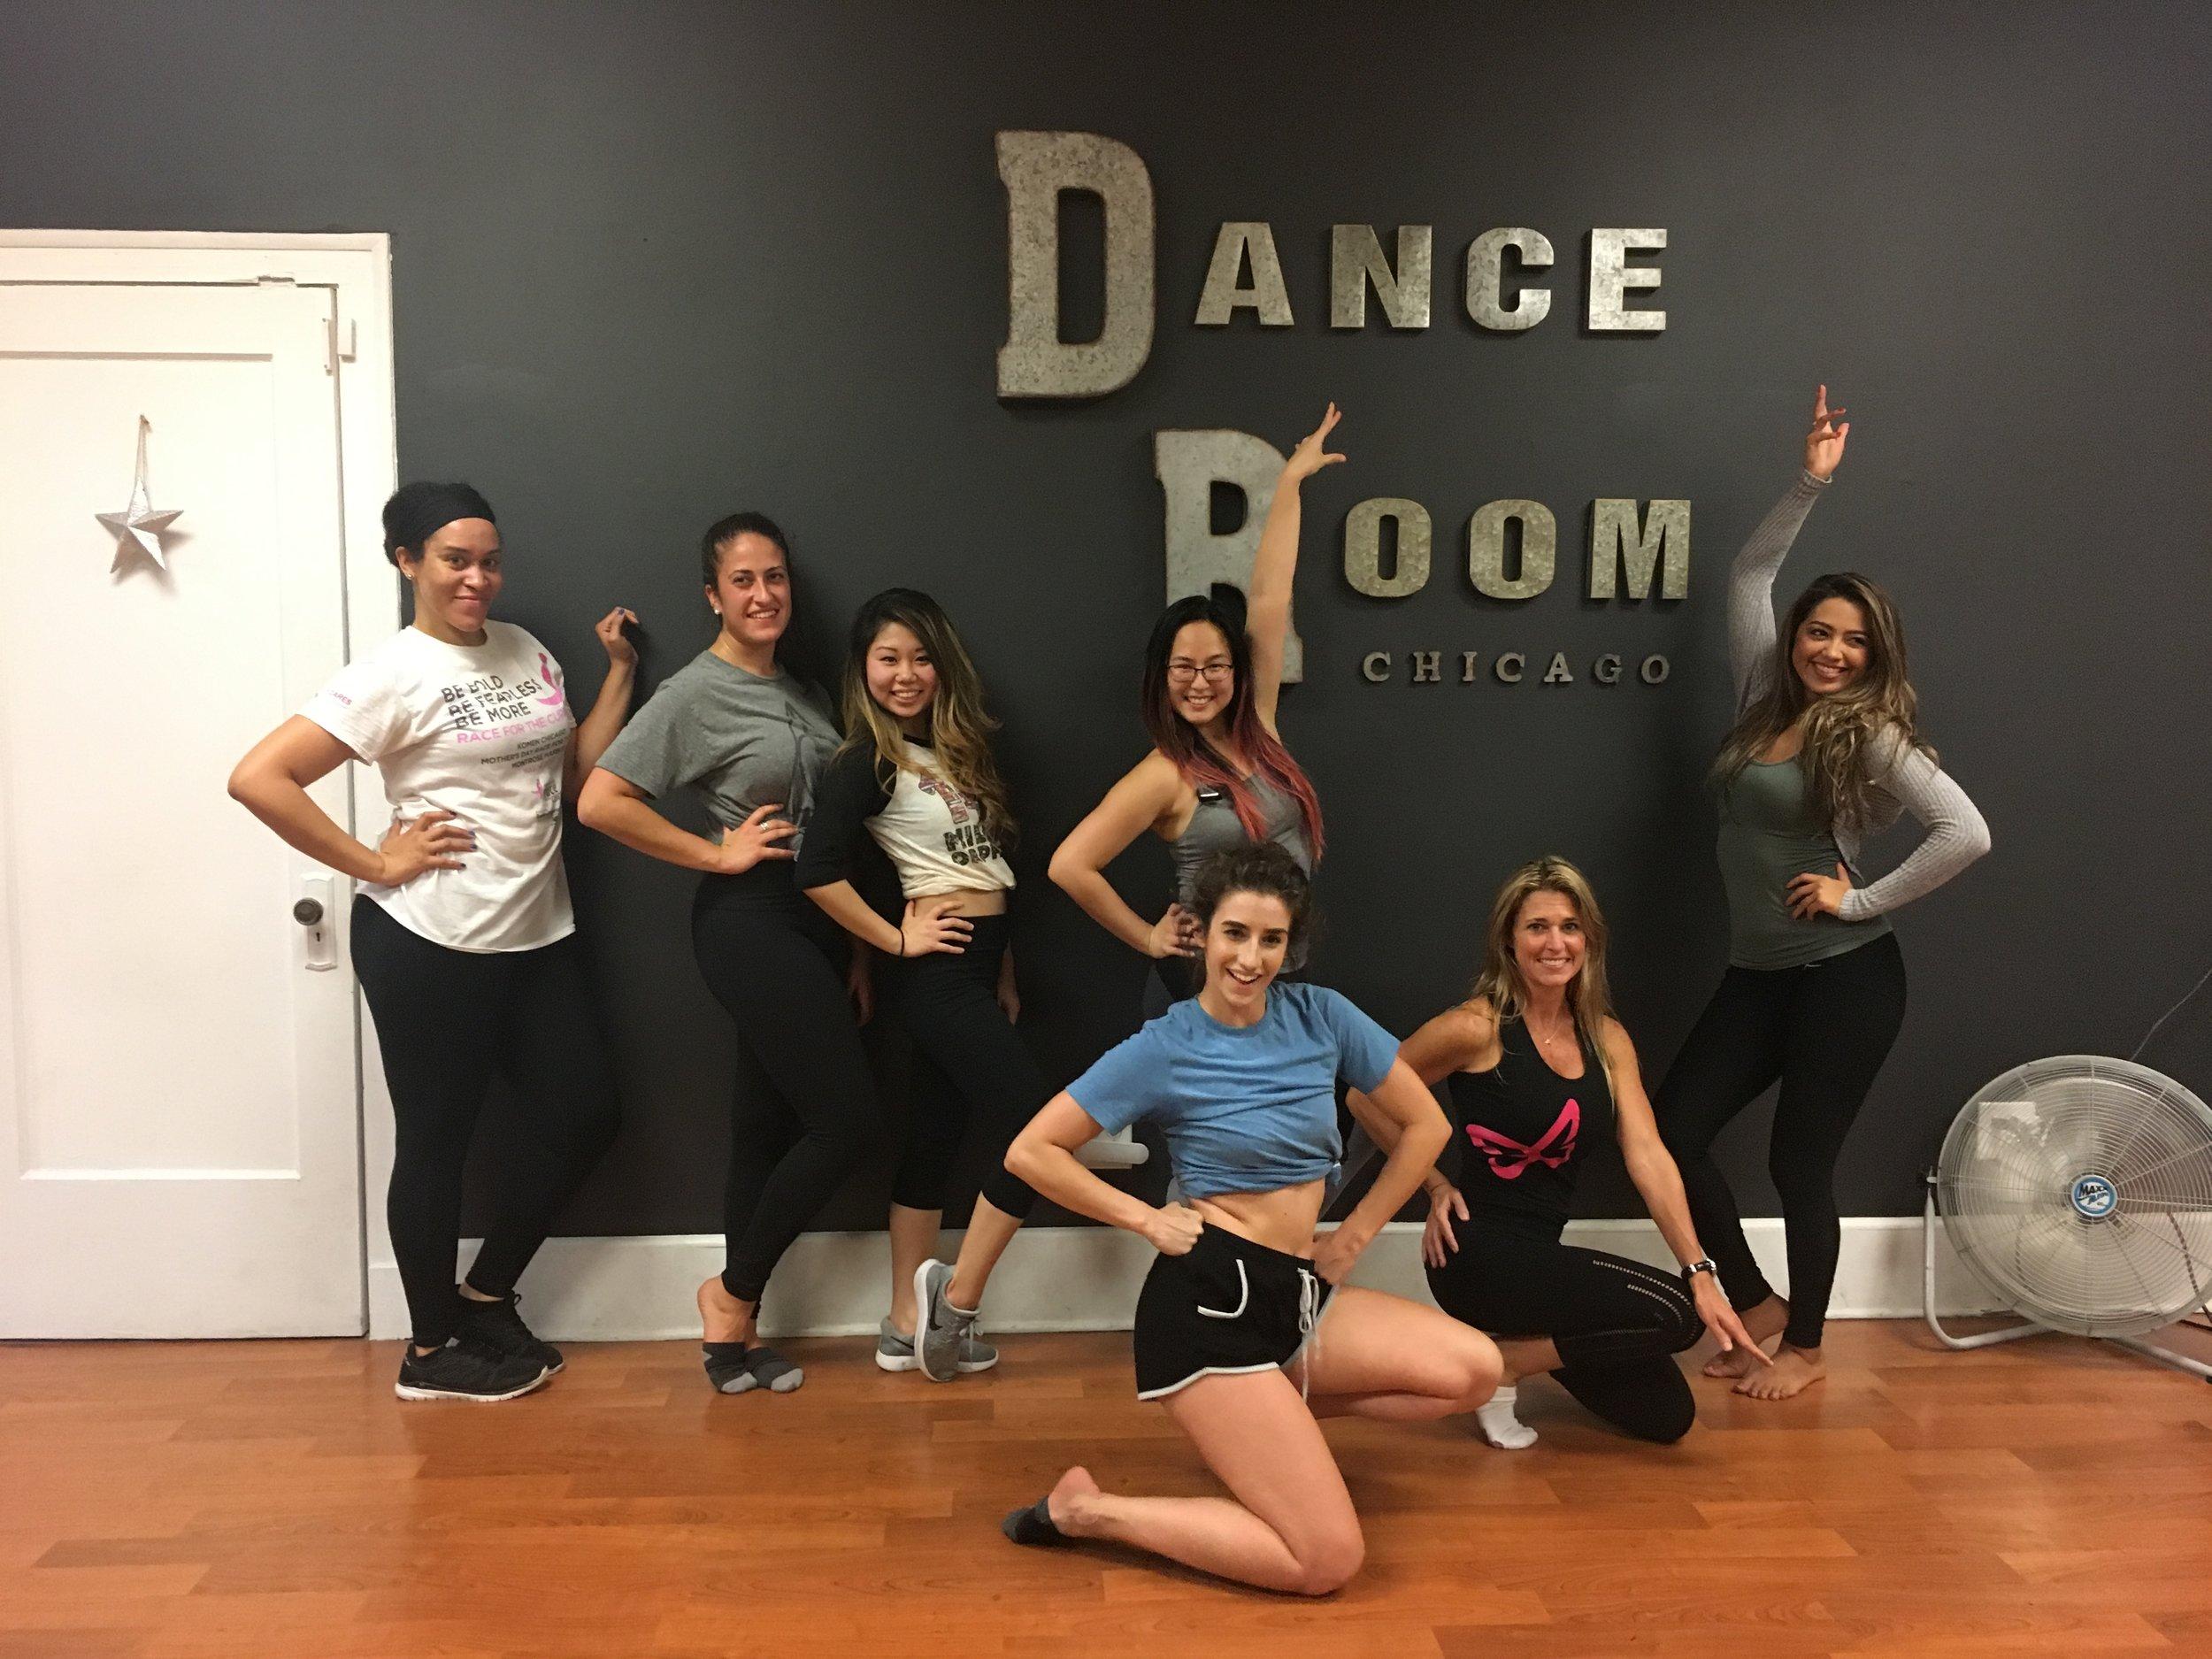 DanceRoom Chicago - Adults